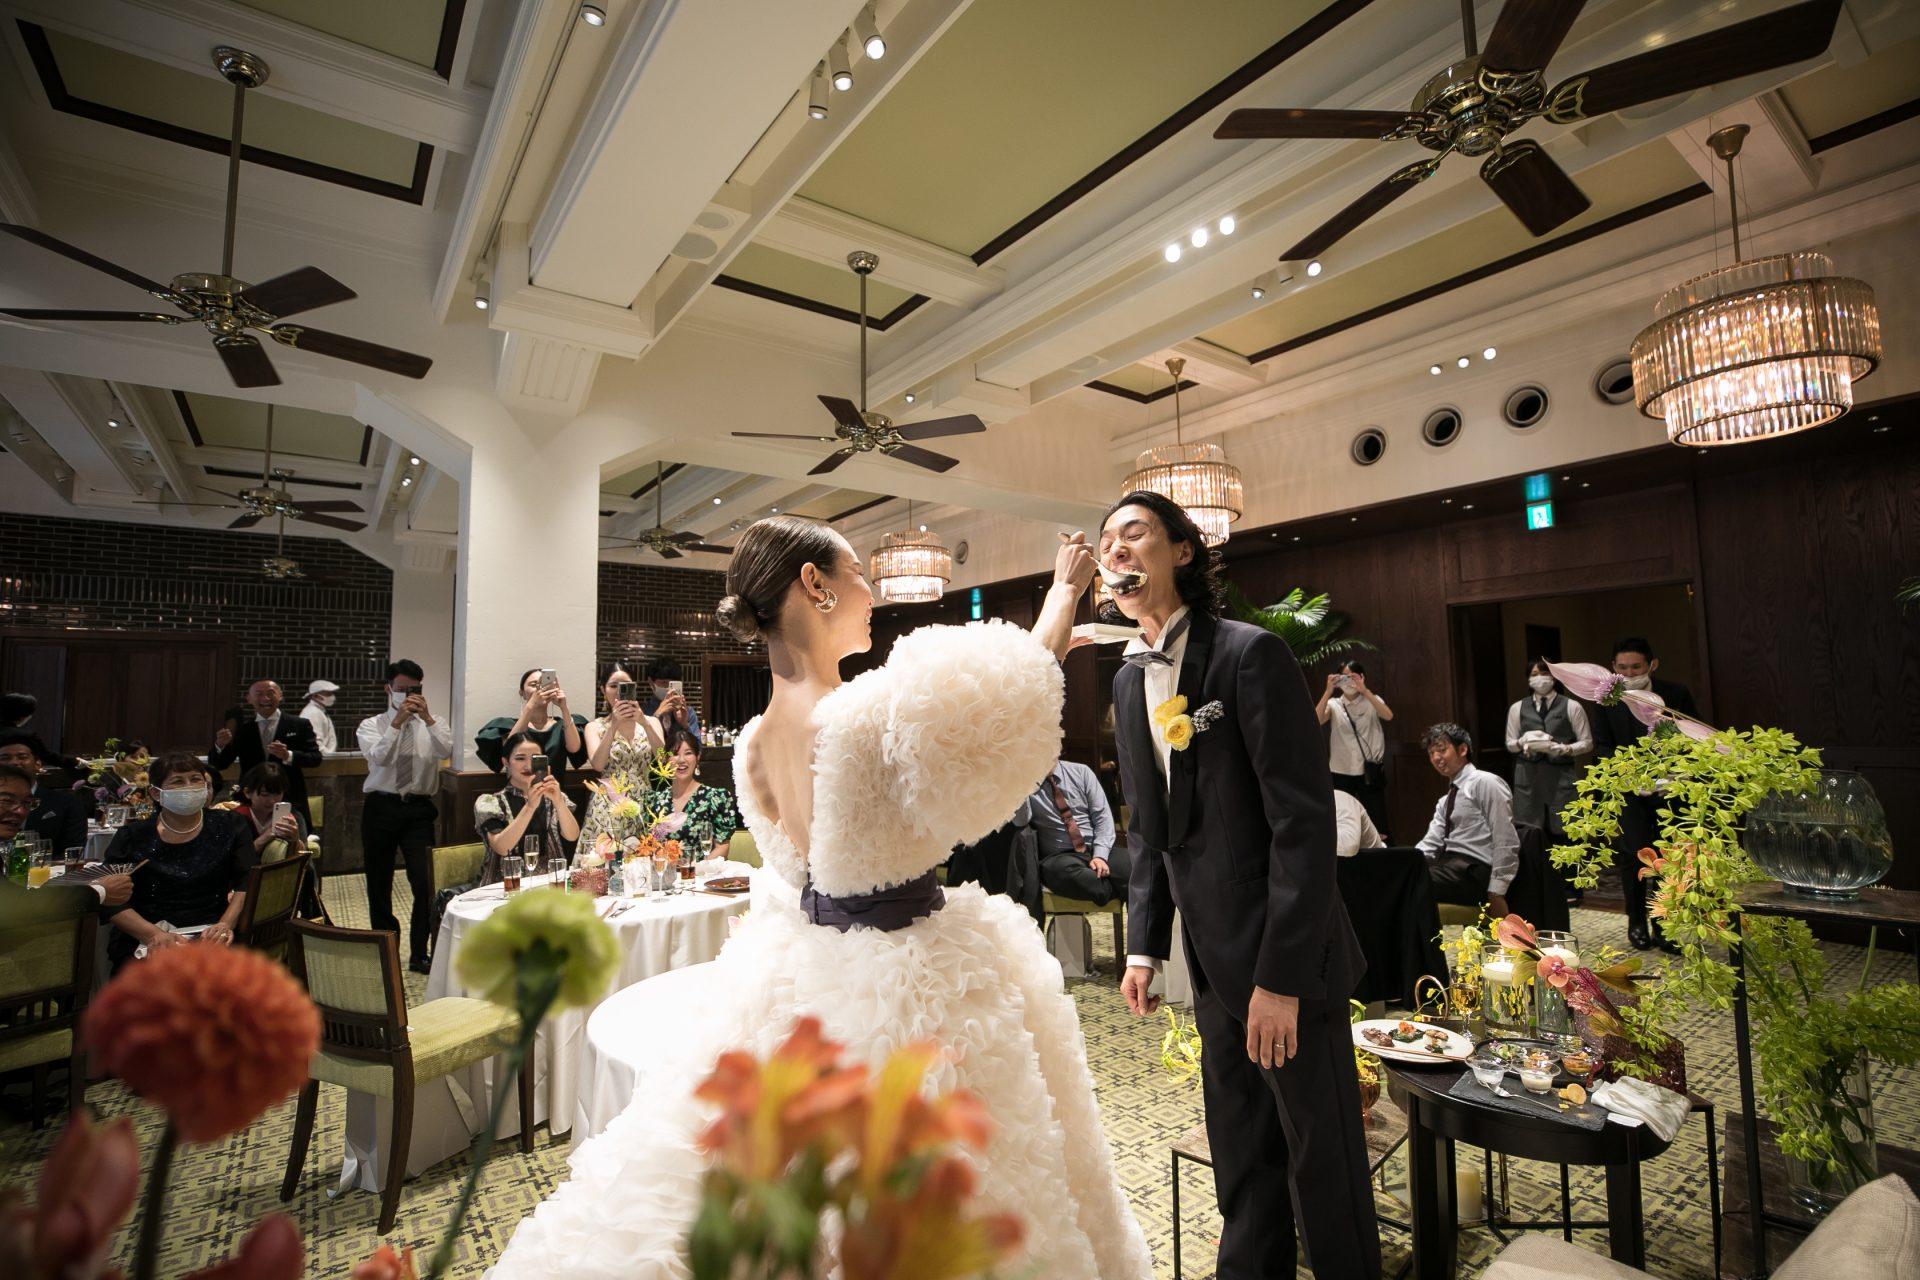 TOMOKOIZUMI for TREAT MAISONのドラマティックなウェディングドレス